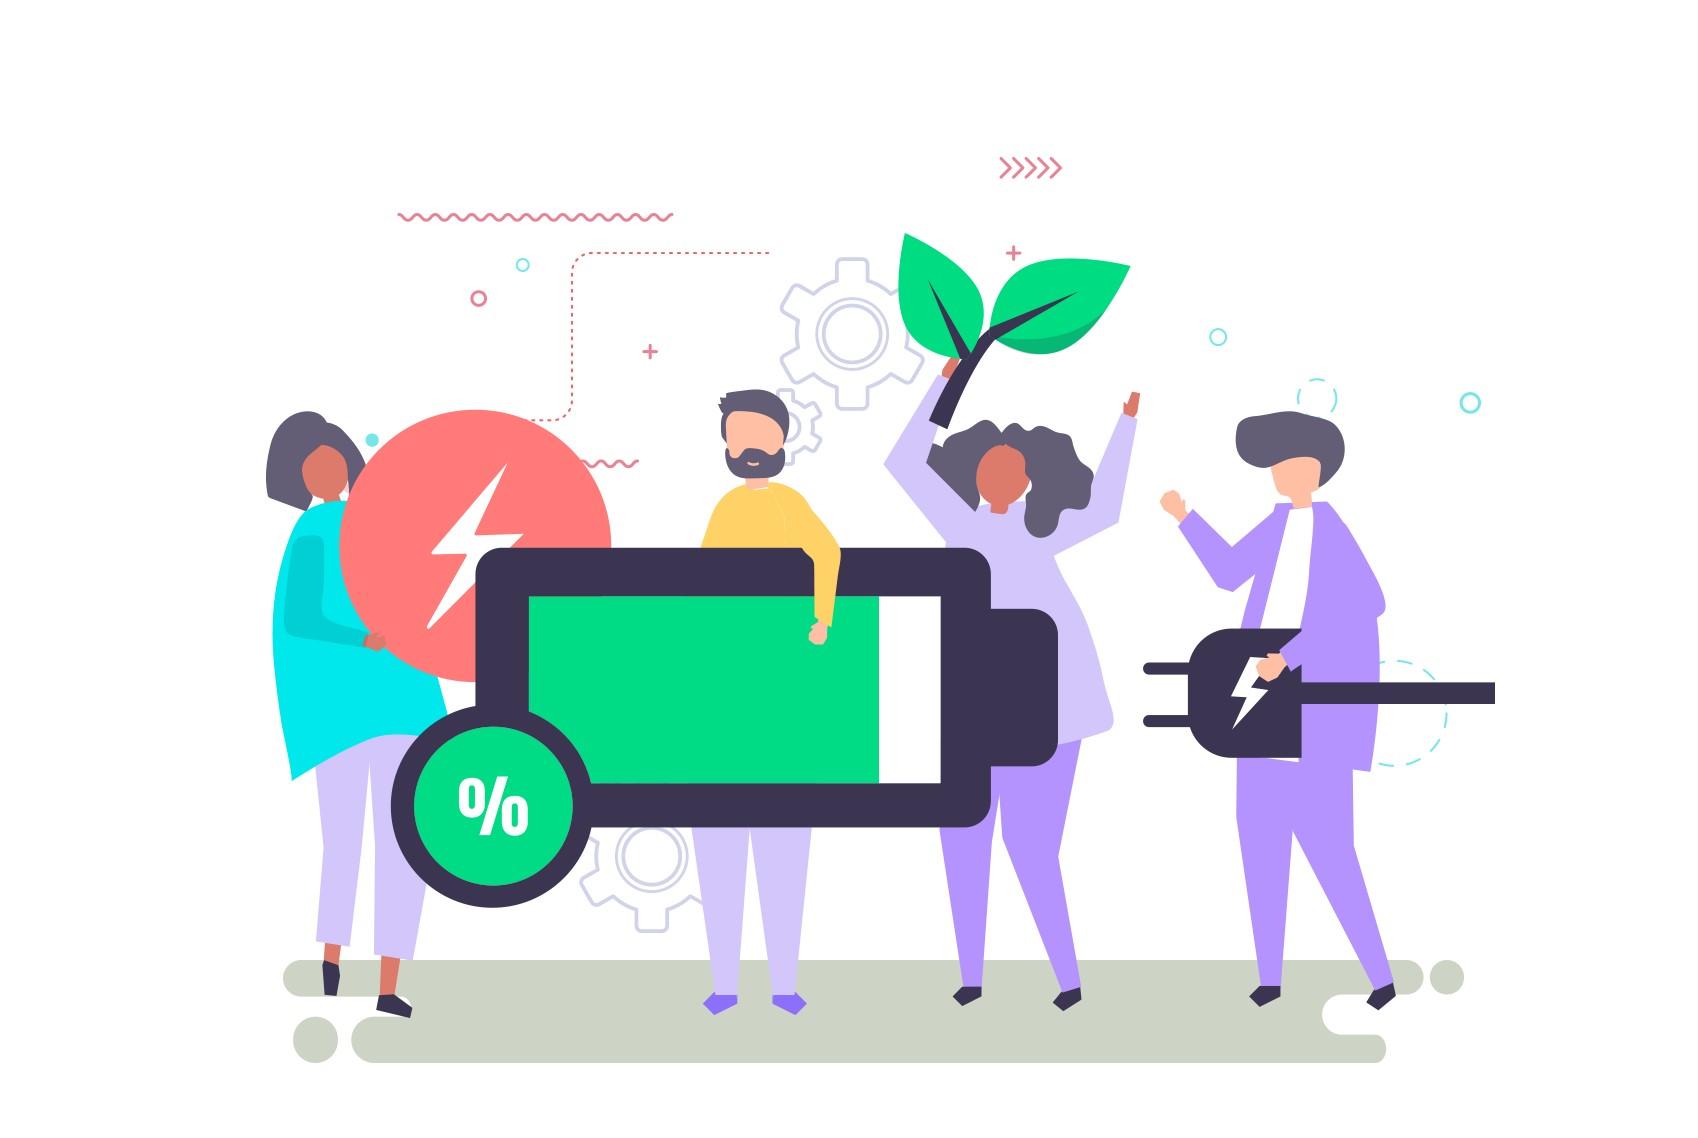 إصلاح مشكلات استنزاف البطارية والسخونة الزائدة على هواتف Samsung باستخدام Galaxy مجموعة Labs 2021 [APK Download] 1